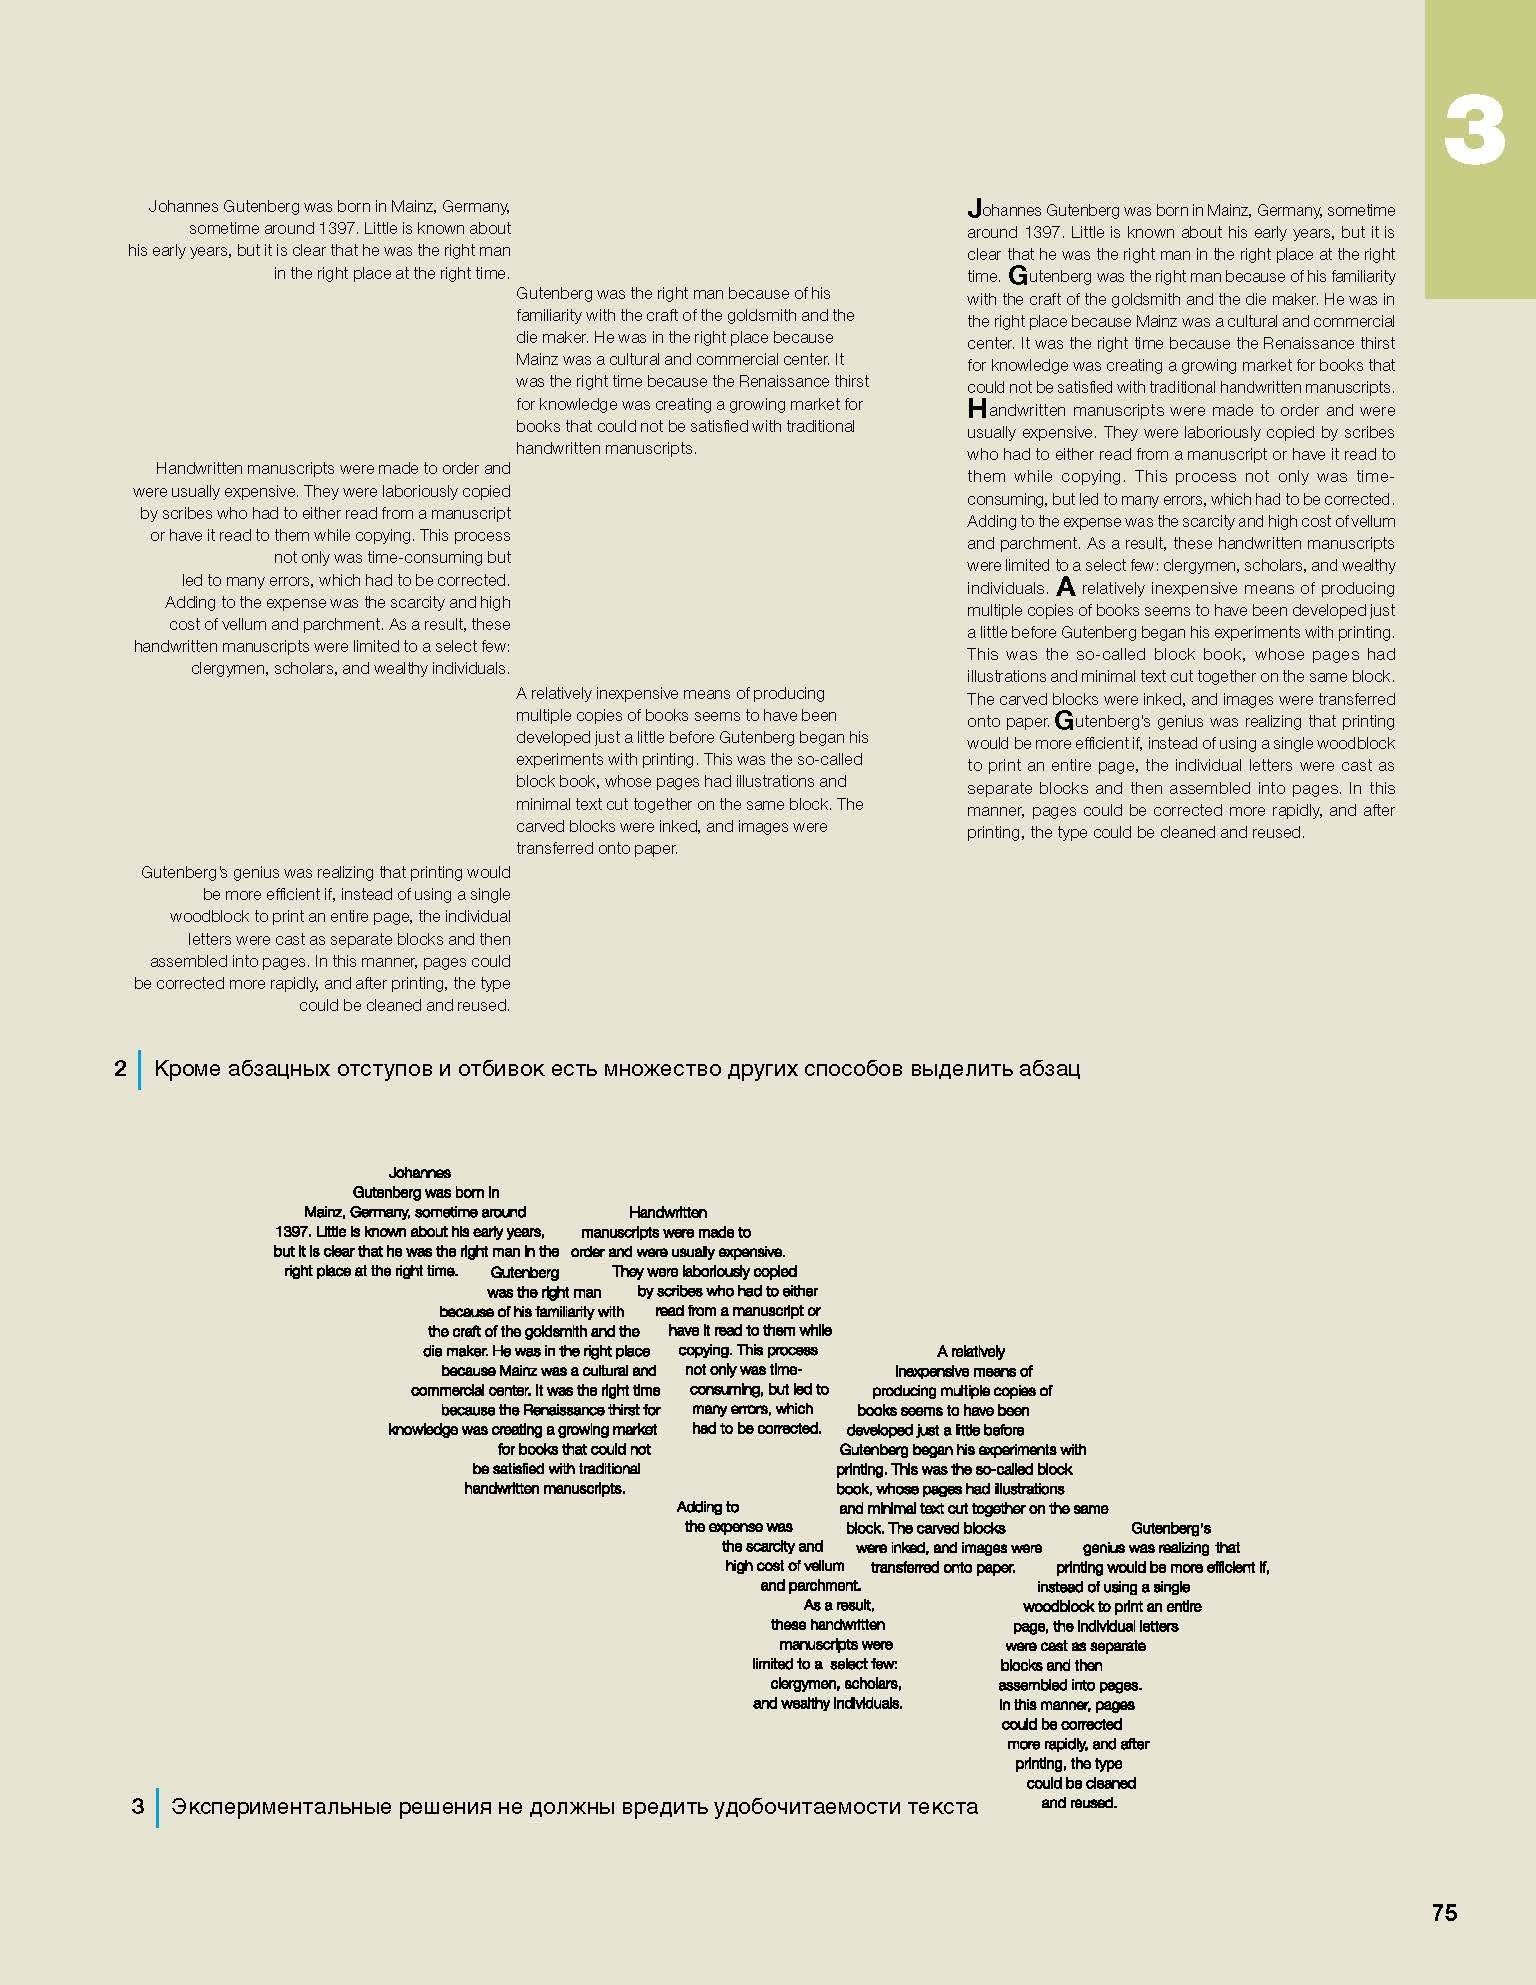 Шрифт и дизайн современная типографика скачать